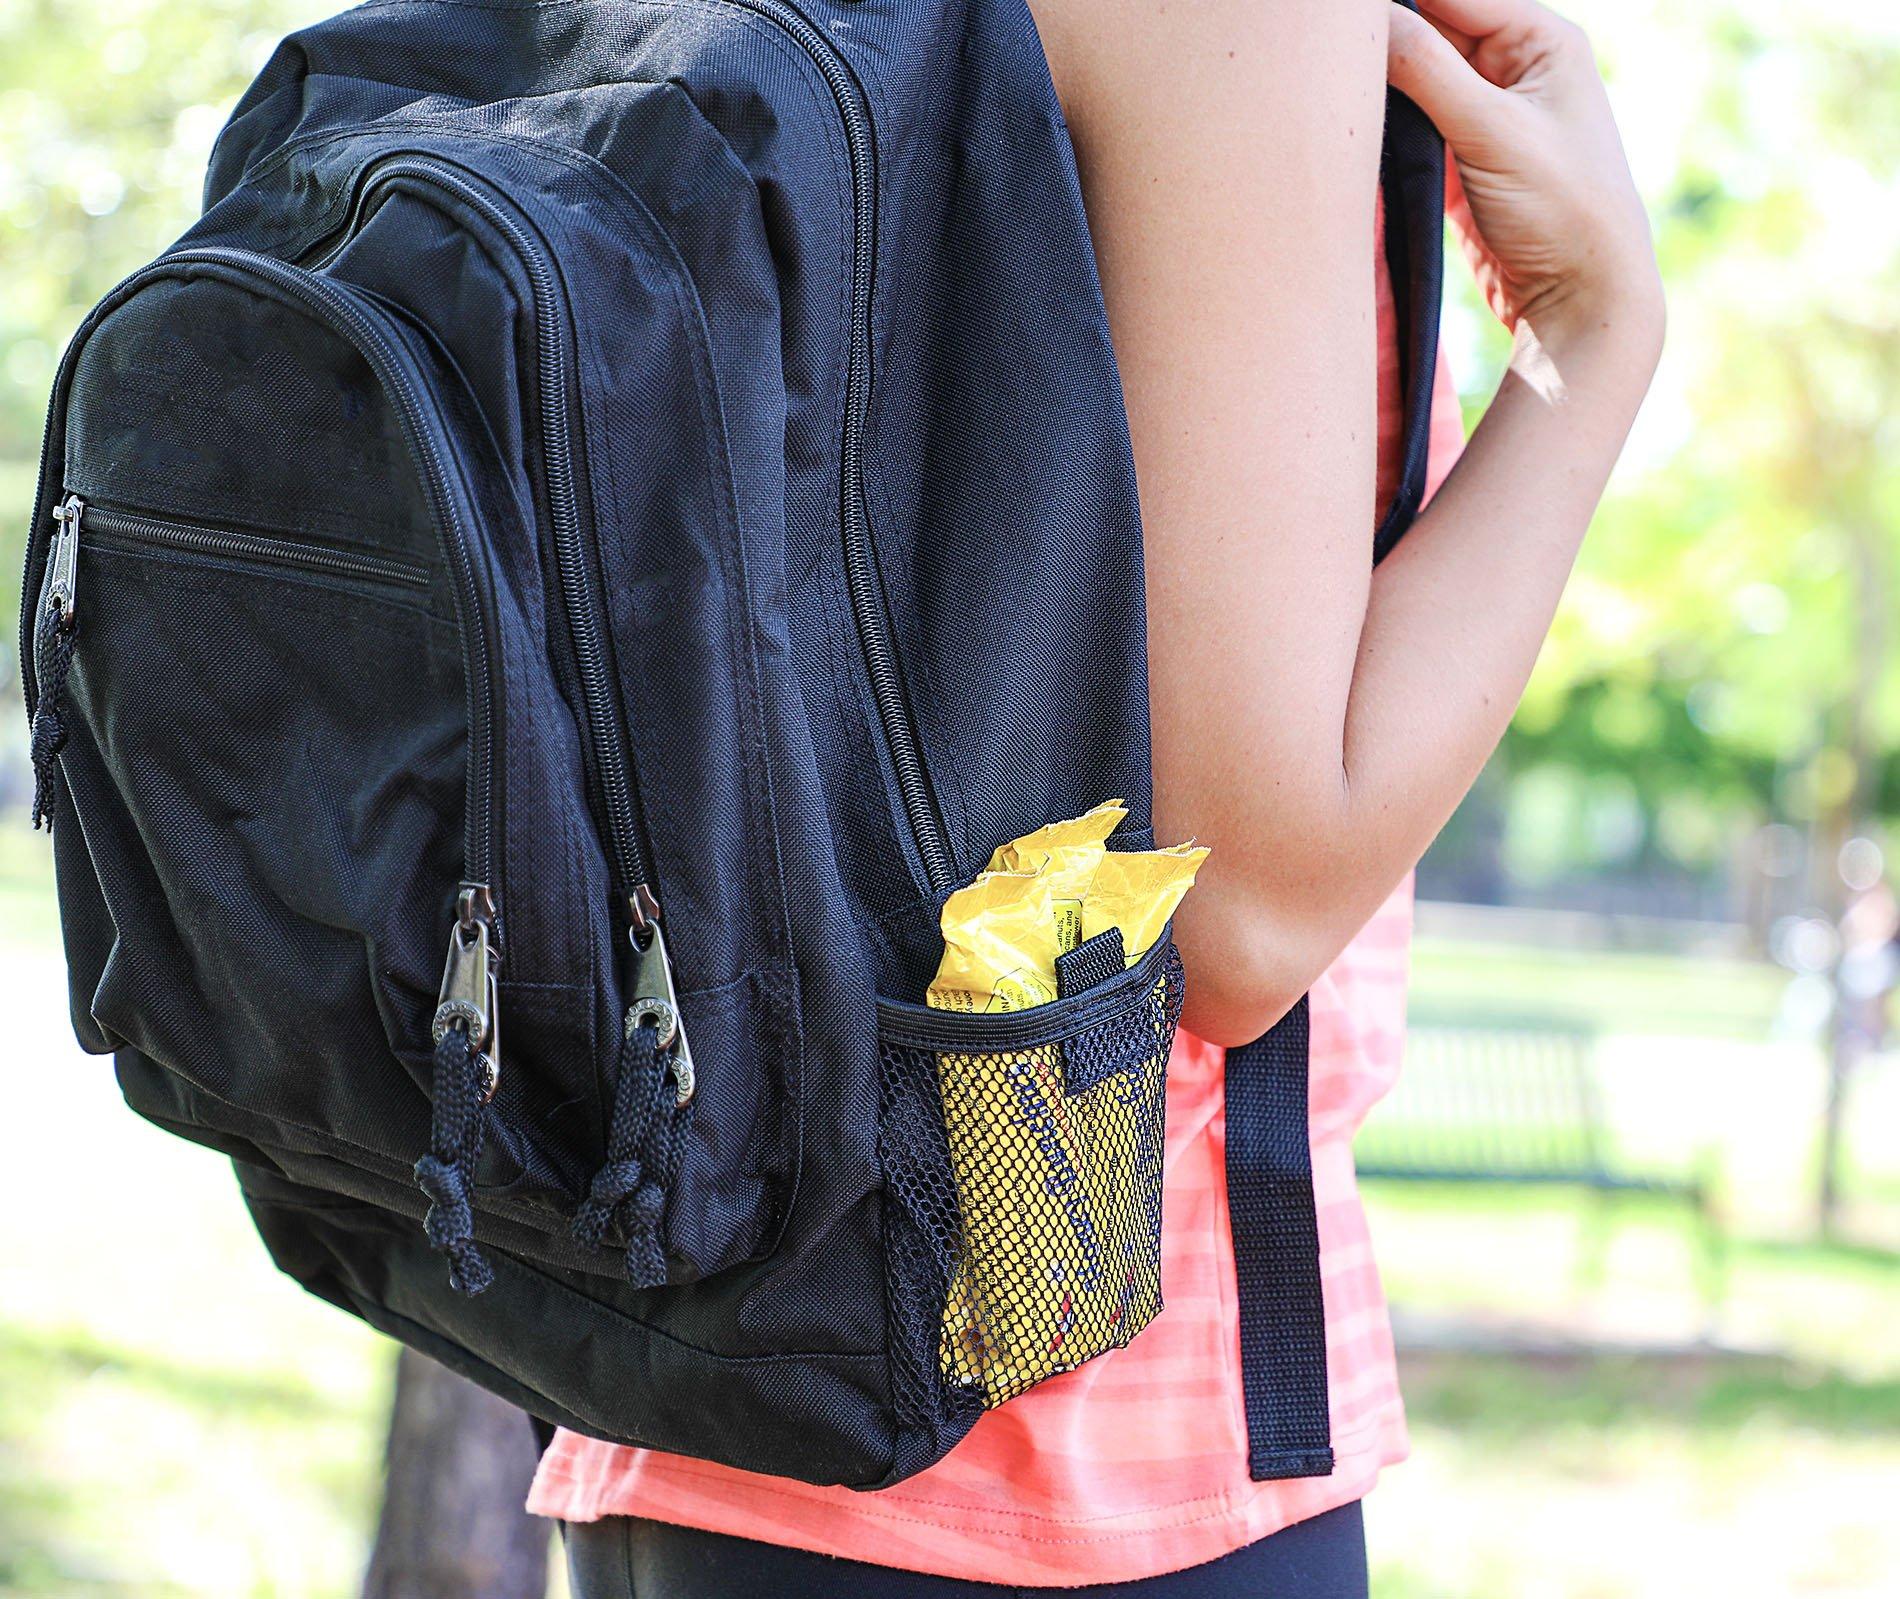 Honey Bunchies Gourmet Honey Bar, GLUTEN FREE, (20 Bar Box) by Honey Bunchies (Image #7)